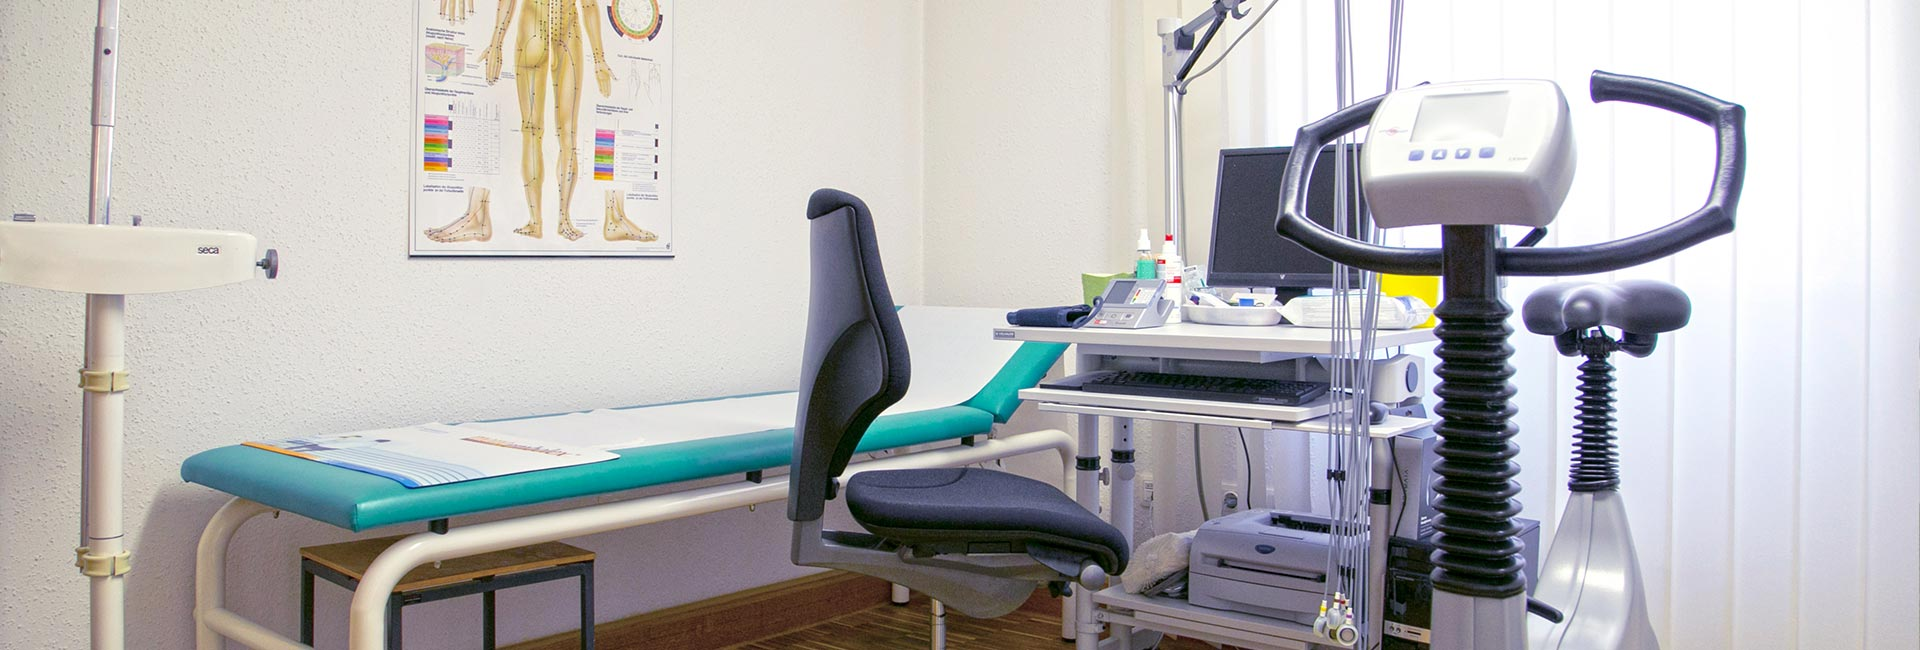 Praxis für Allgemeinmedizin Dr. med. Christine Schleith in Landshut